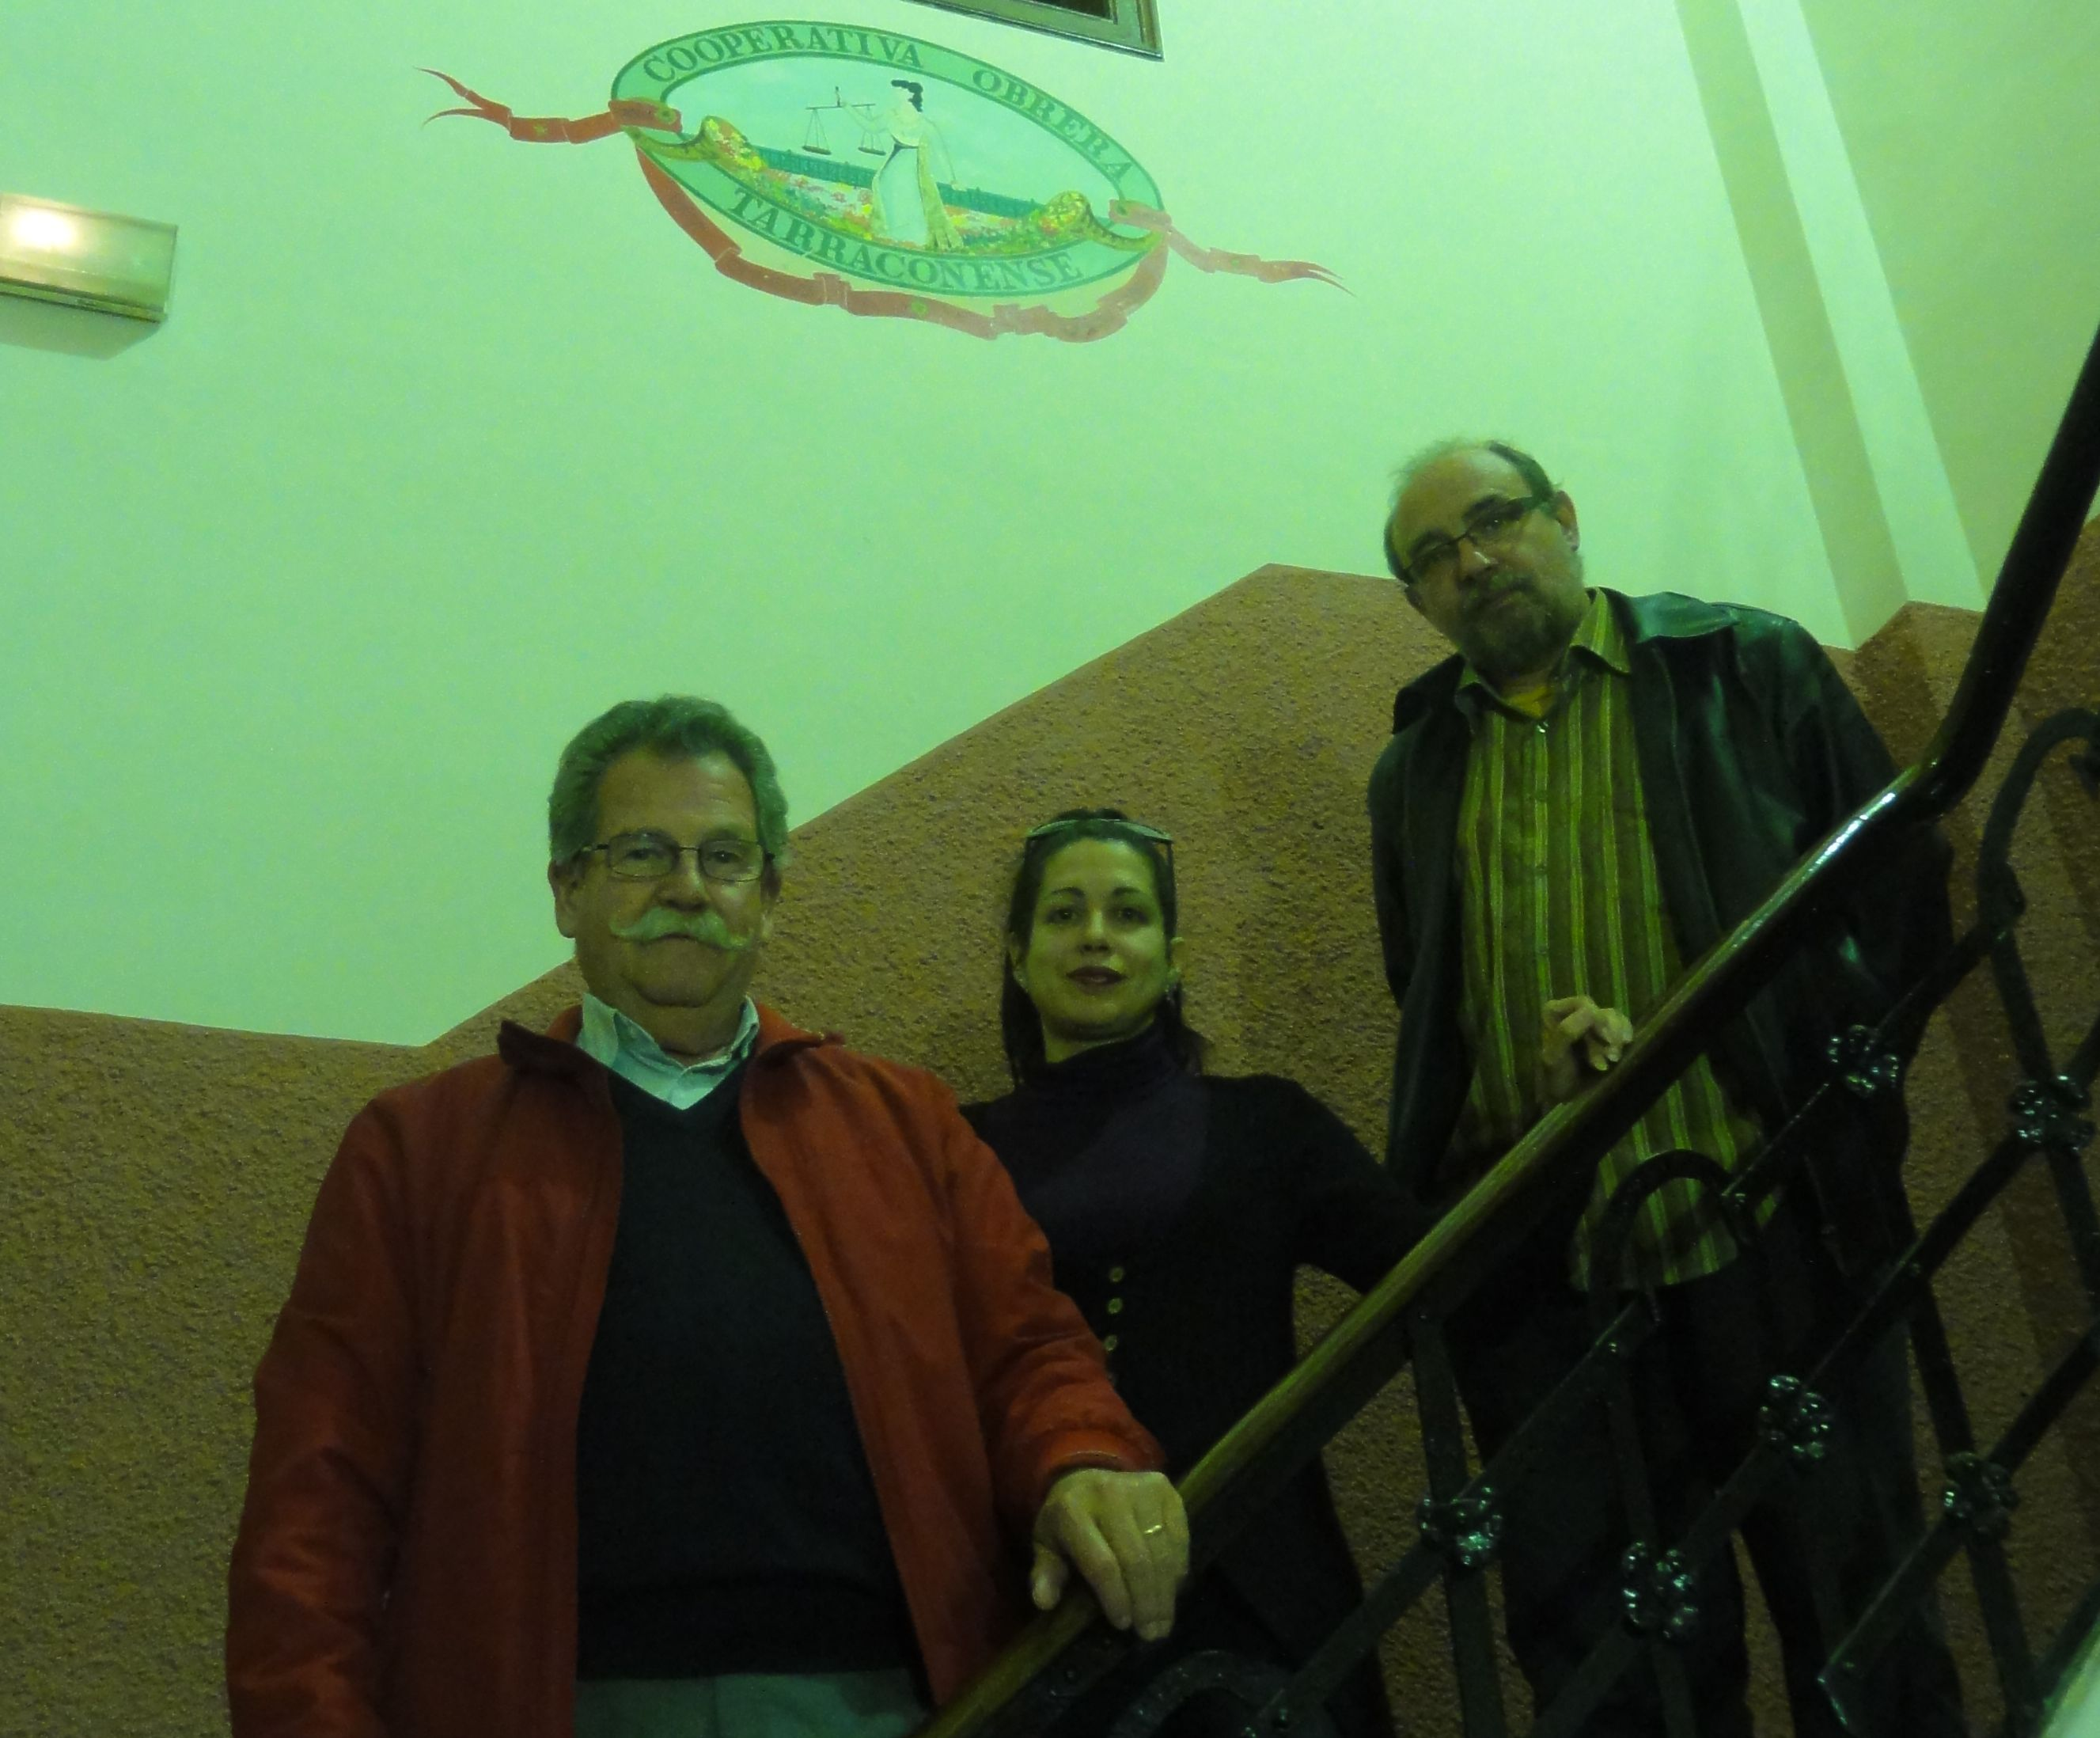 D'esquerra a dreta, Dionisio de la Varga, Alícia Gonzàlez i Xavier Plana a les instal·lacions de la Cooperativa Obrera